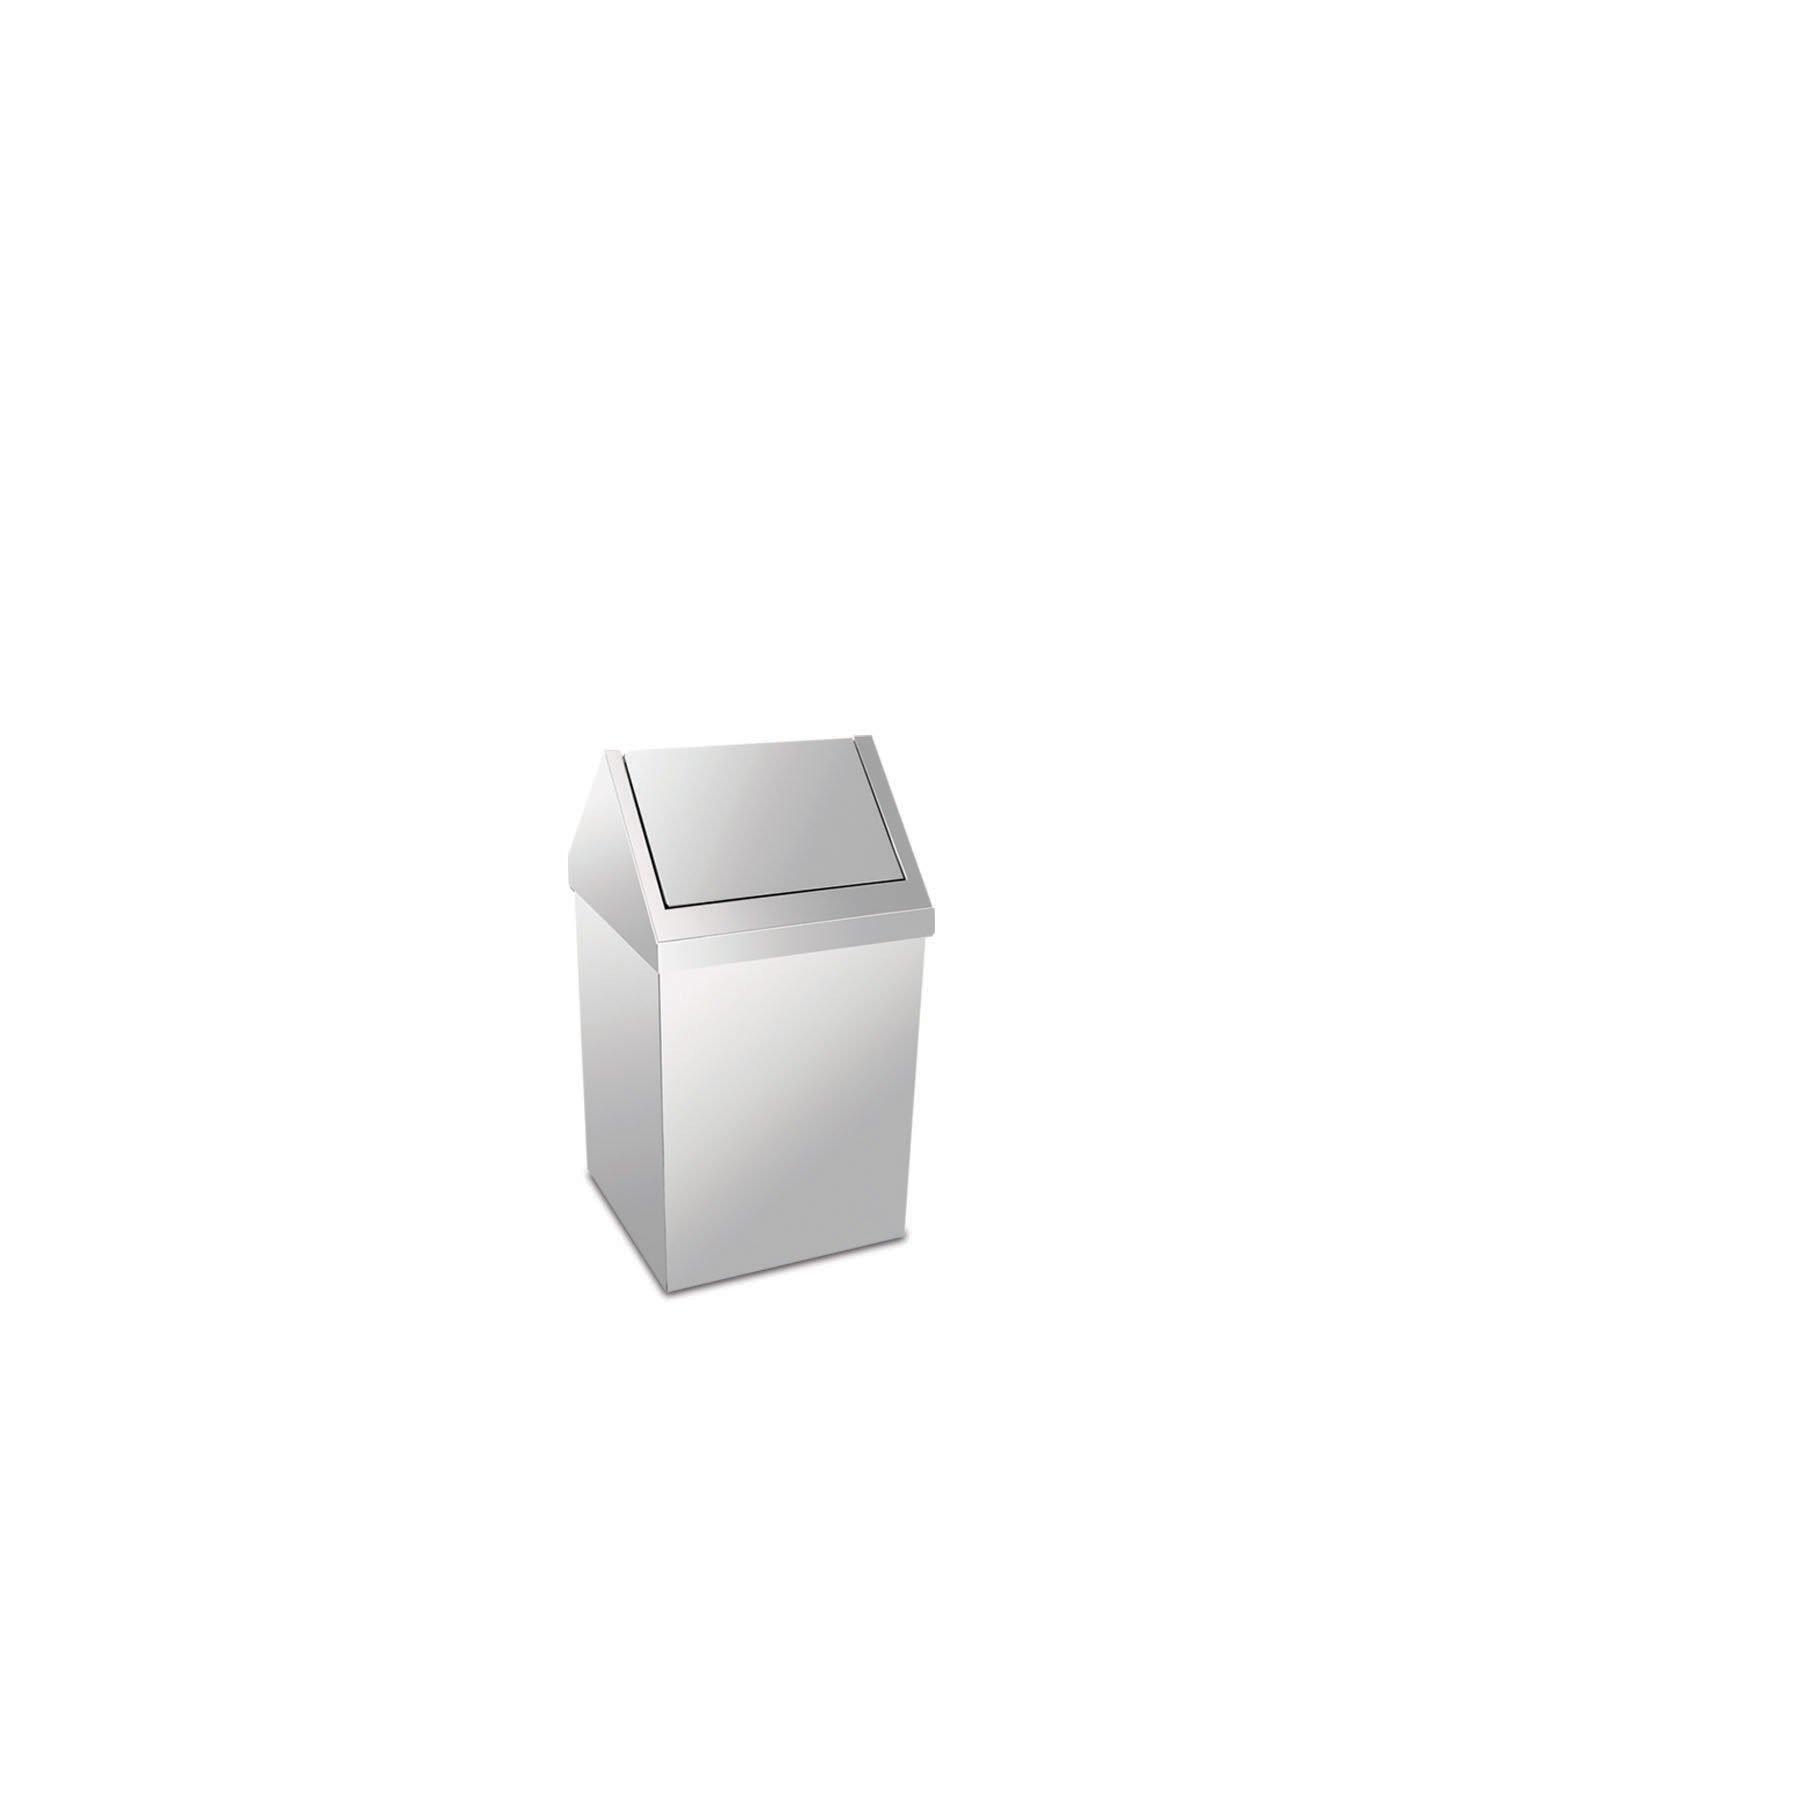 Krom Çatı Kapaklı Çöp Kovası 6 Lt